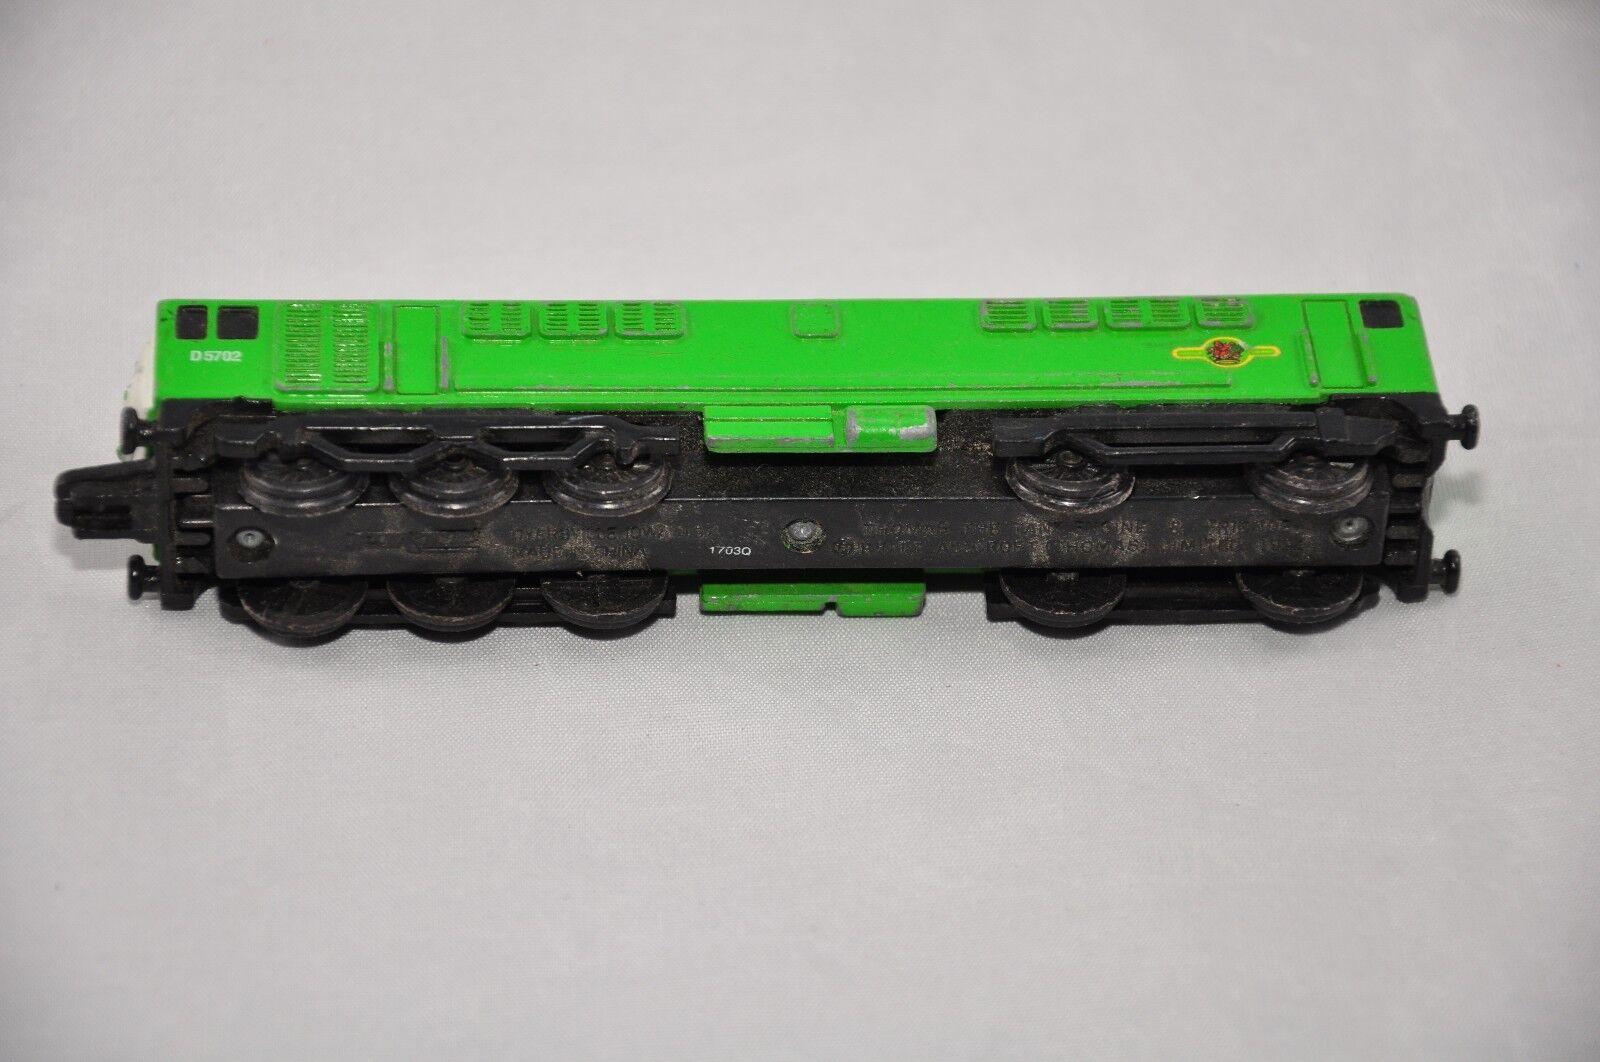 BOCO 1993   RARE      Metal trains by ERTL   Vintage Thomas trains eae82b